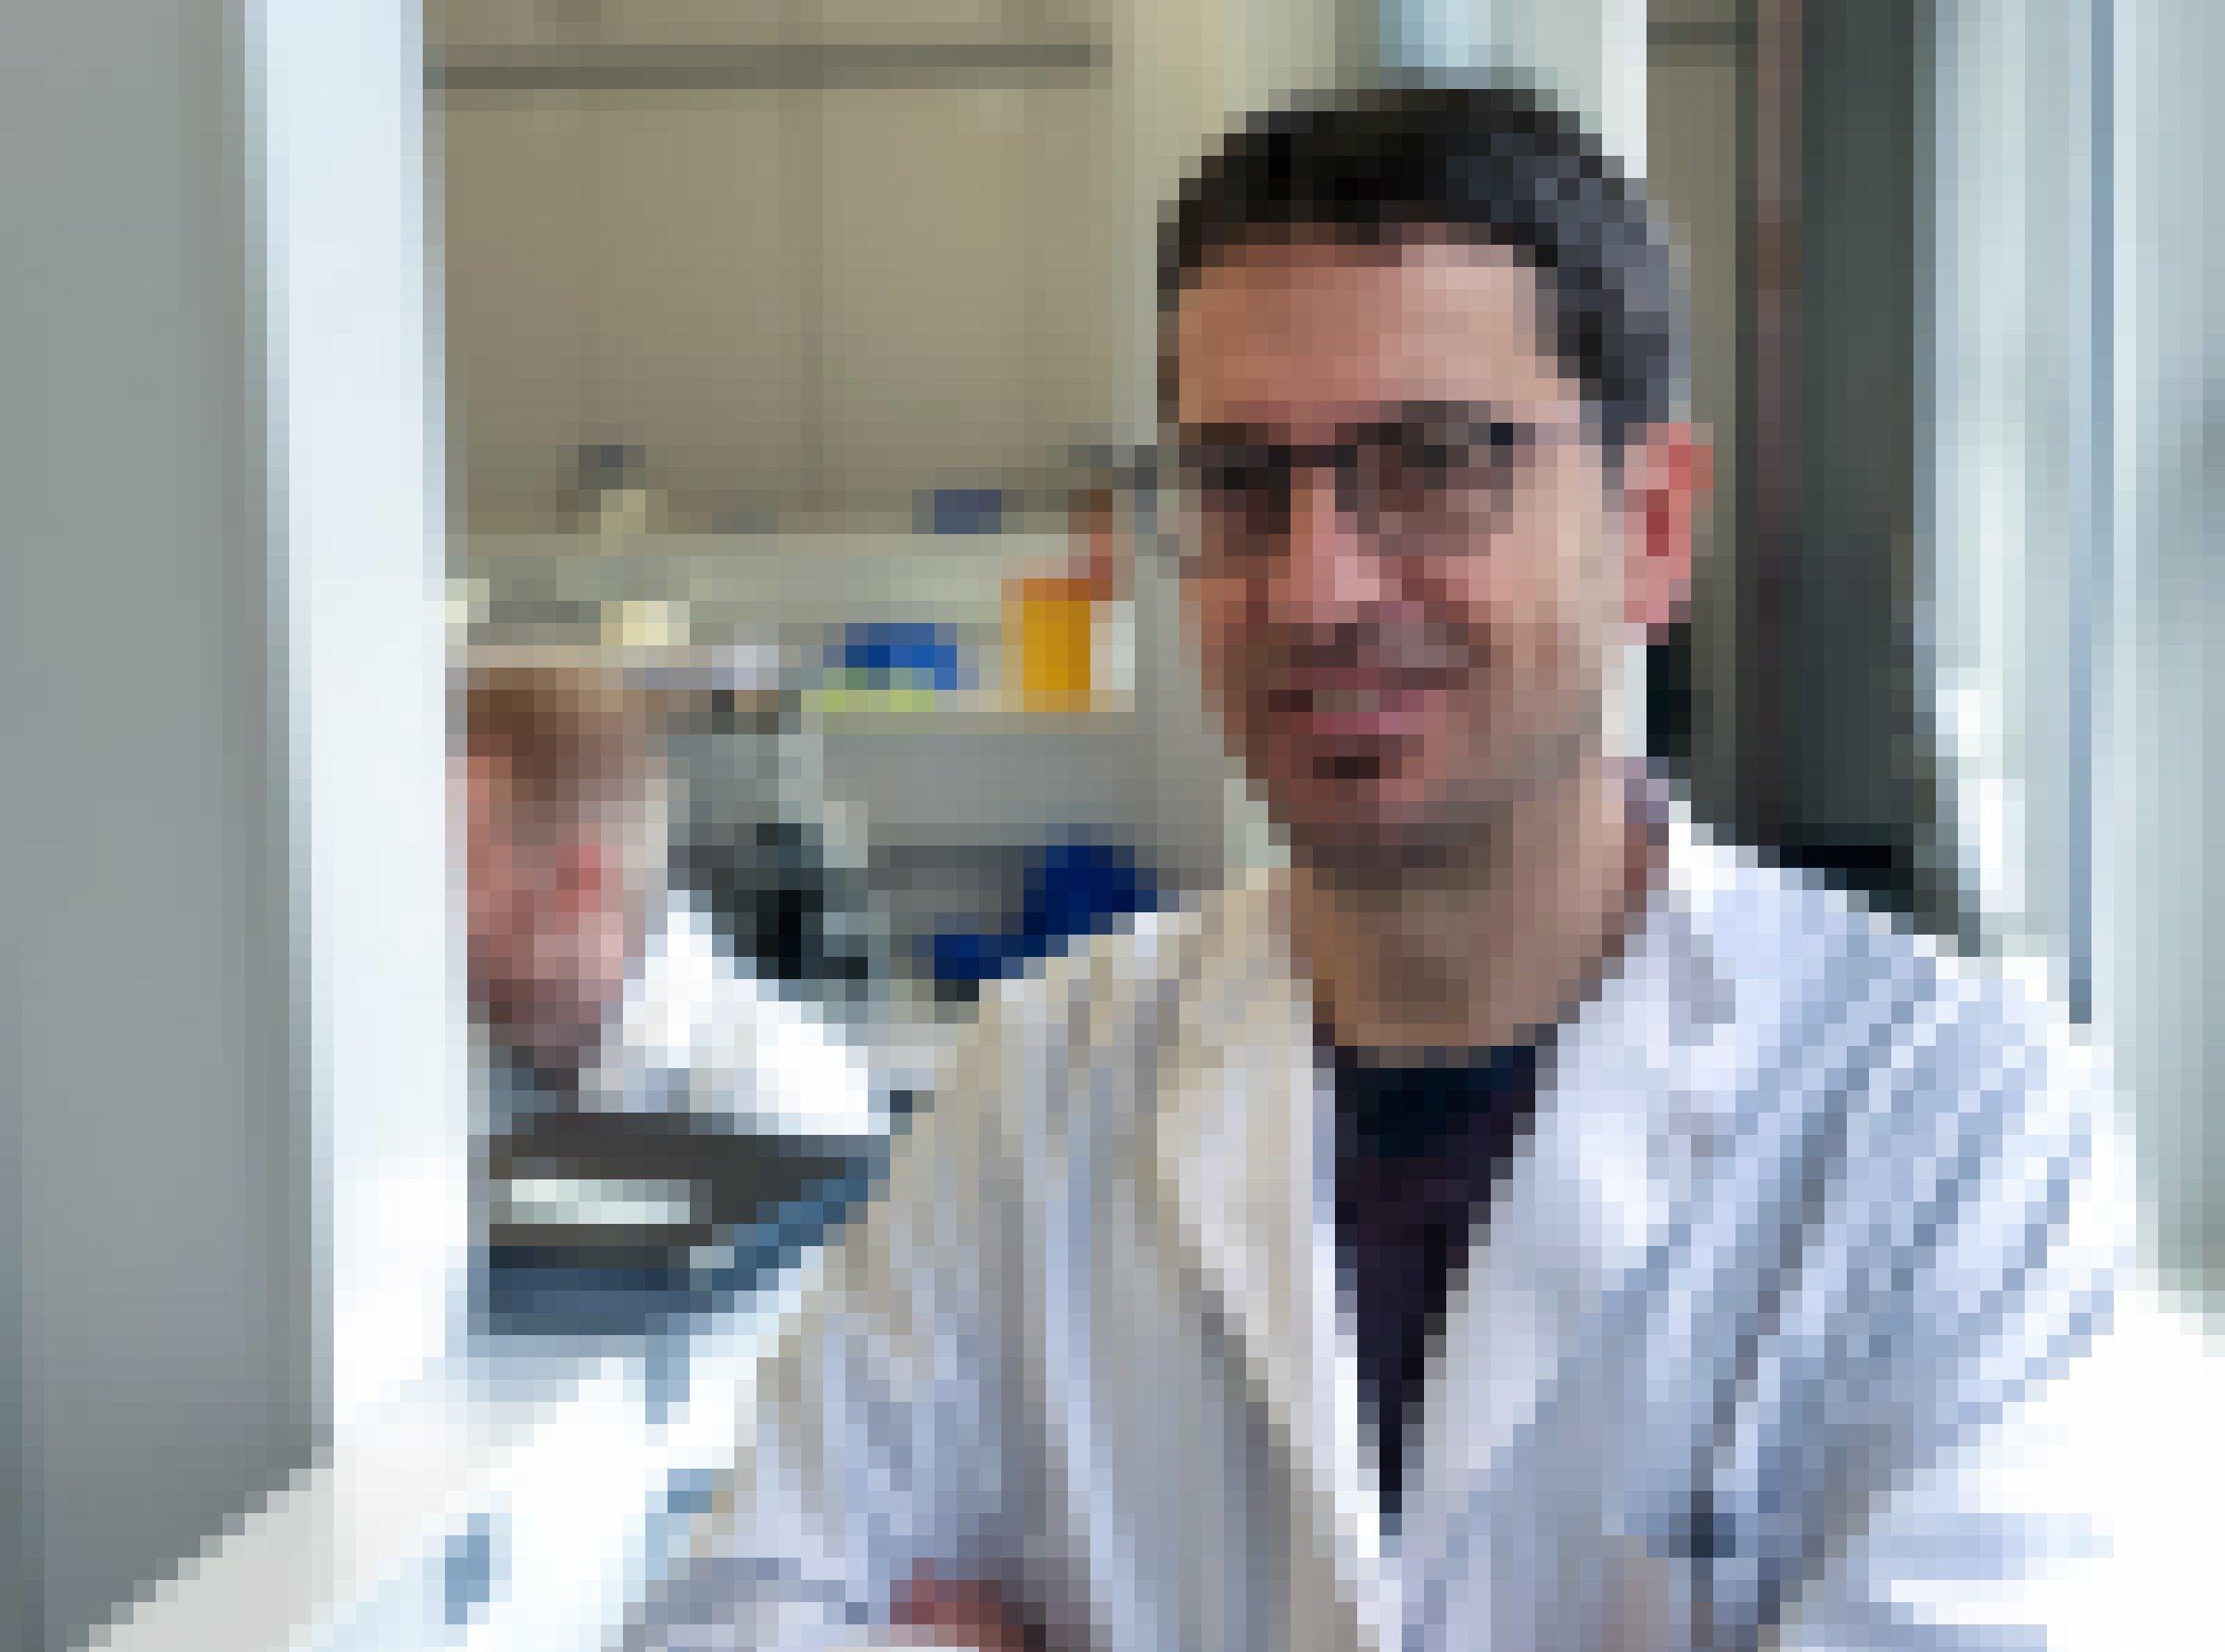 Ein dunkelhaariger Mann mit weißem Kittel und schwarzer Brille steht in einem Labor und schaut in die Kamera.